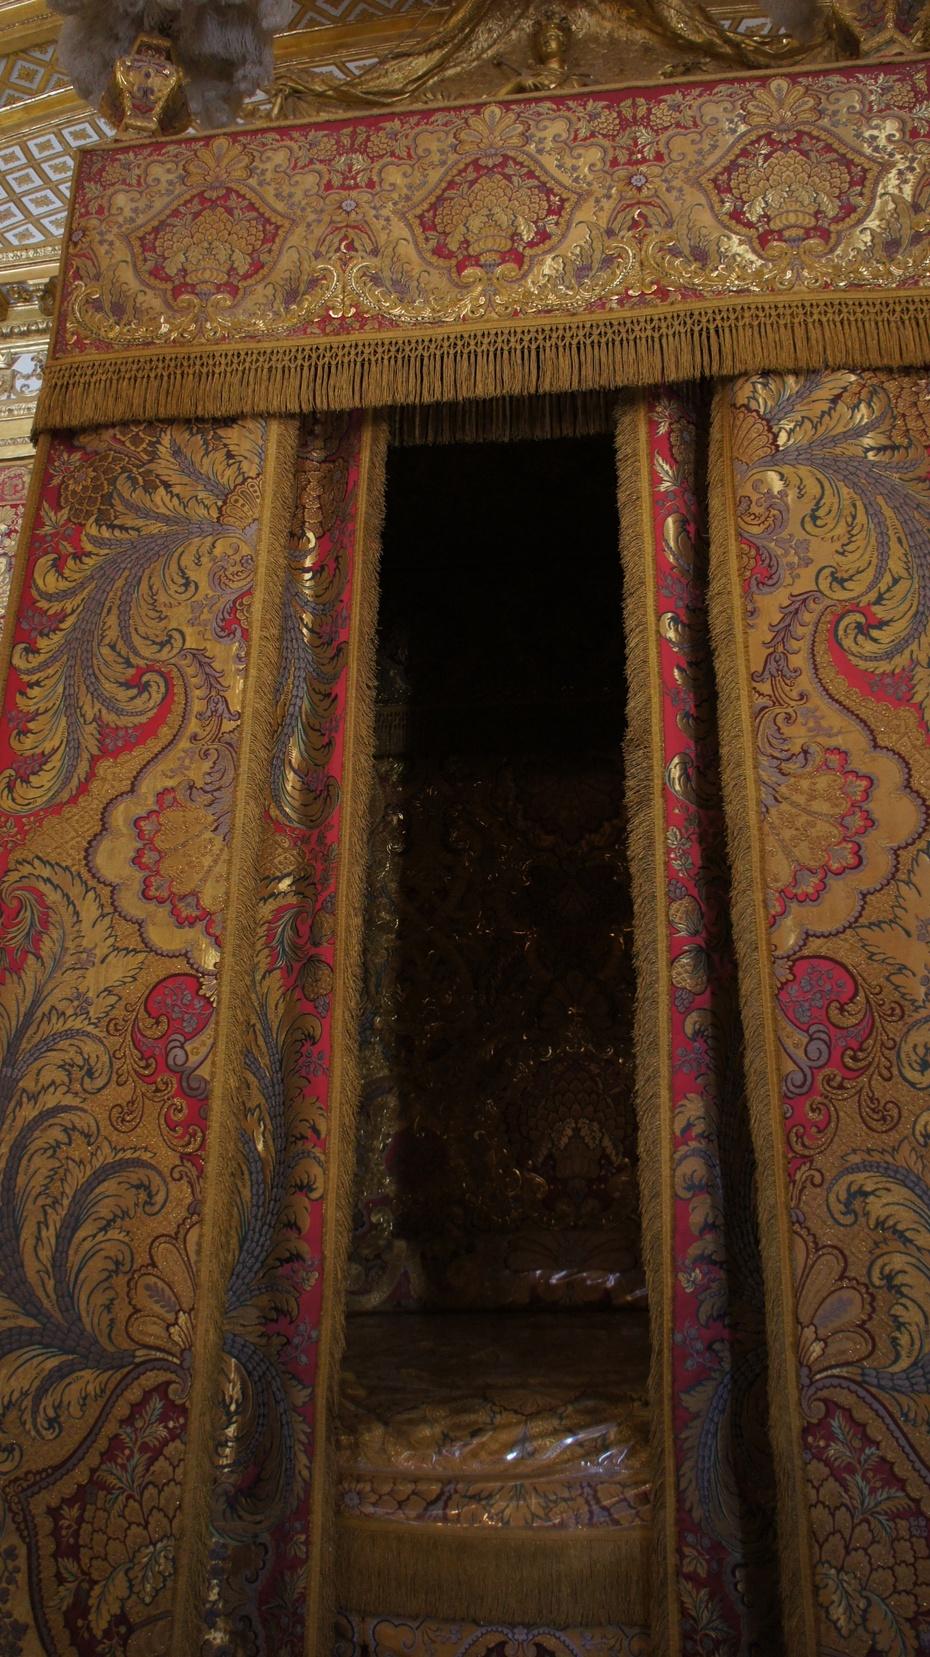 欧洲行13:凡尔赛宫 - 余昌国 - 我的博客